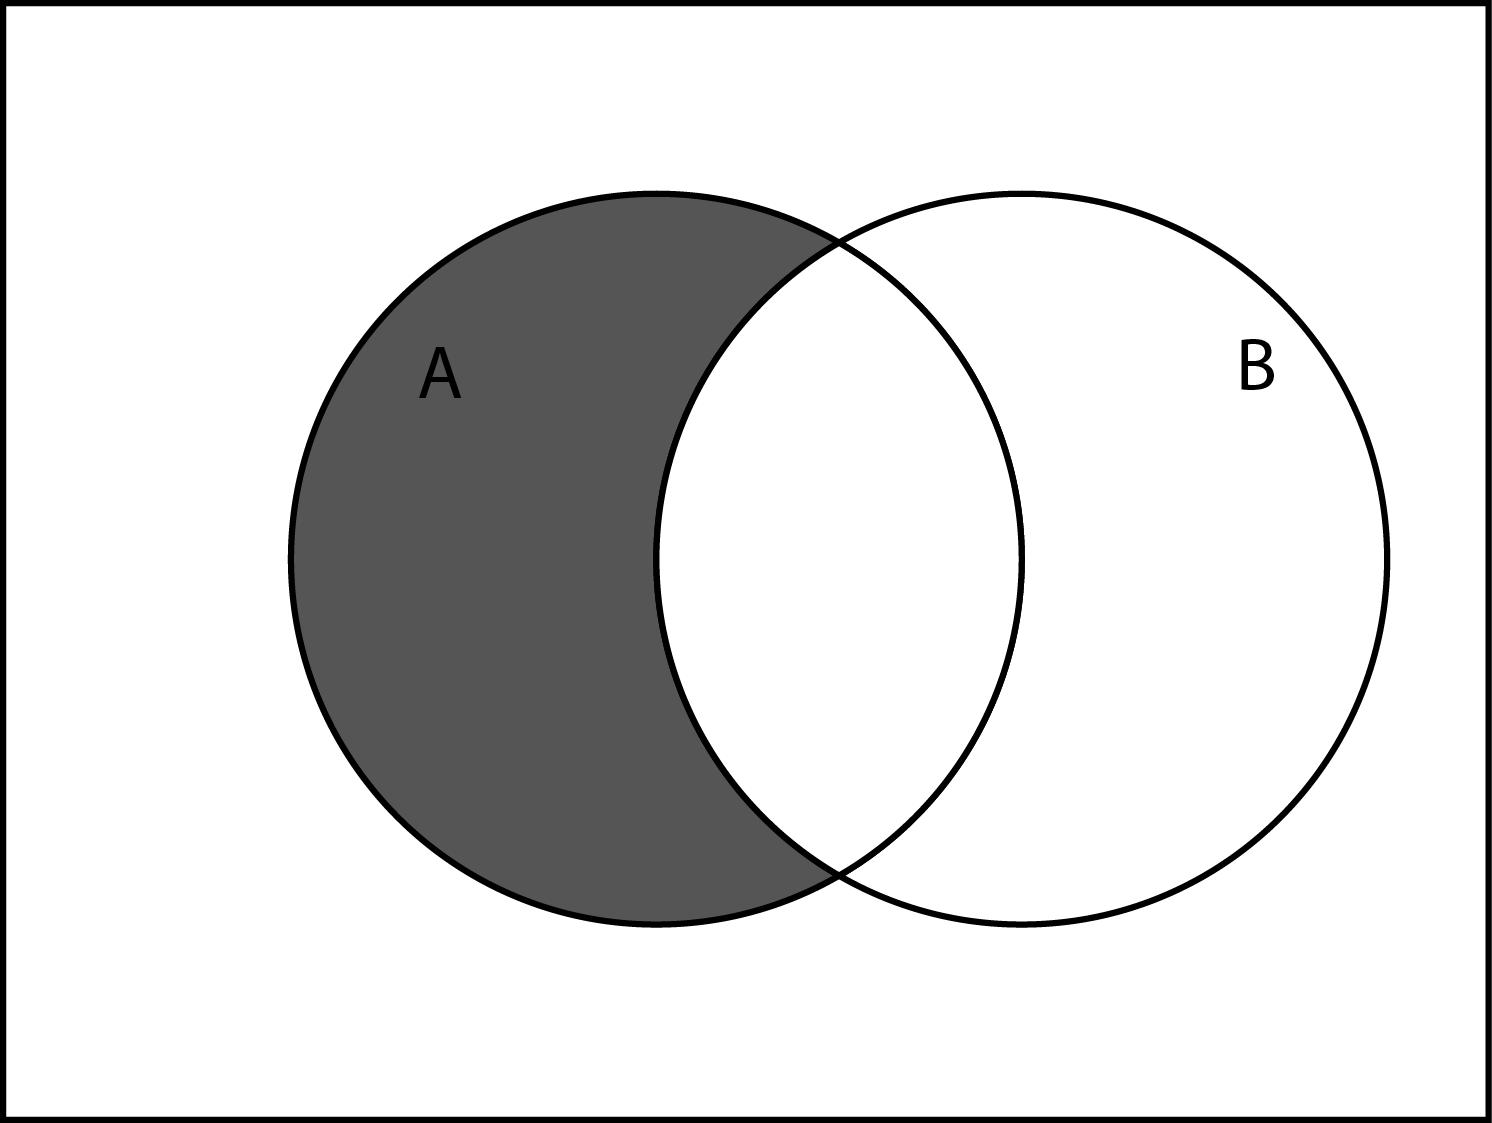 полезная, дизъюнкция круги эйлера картинки индейки, отваренное или